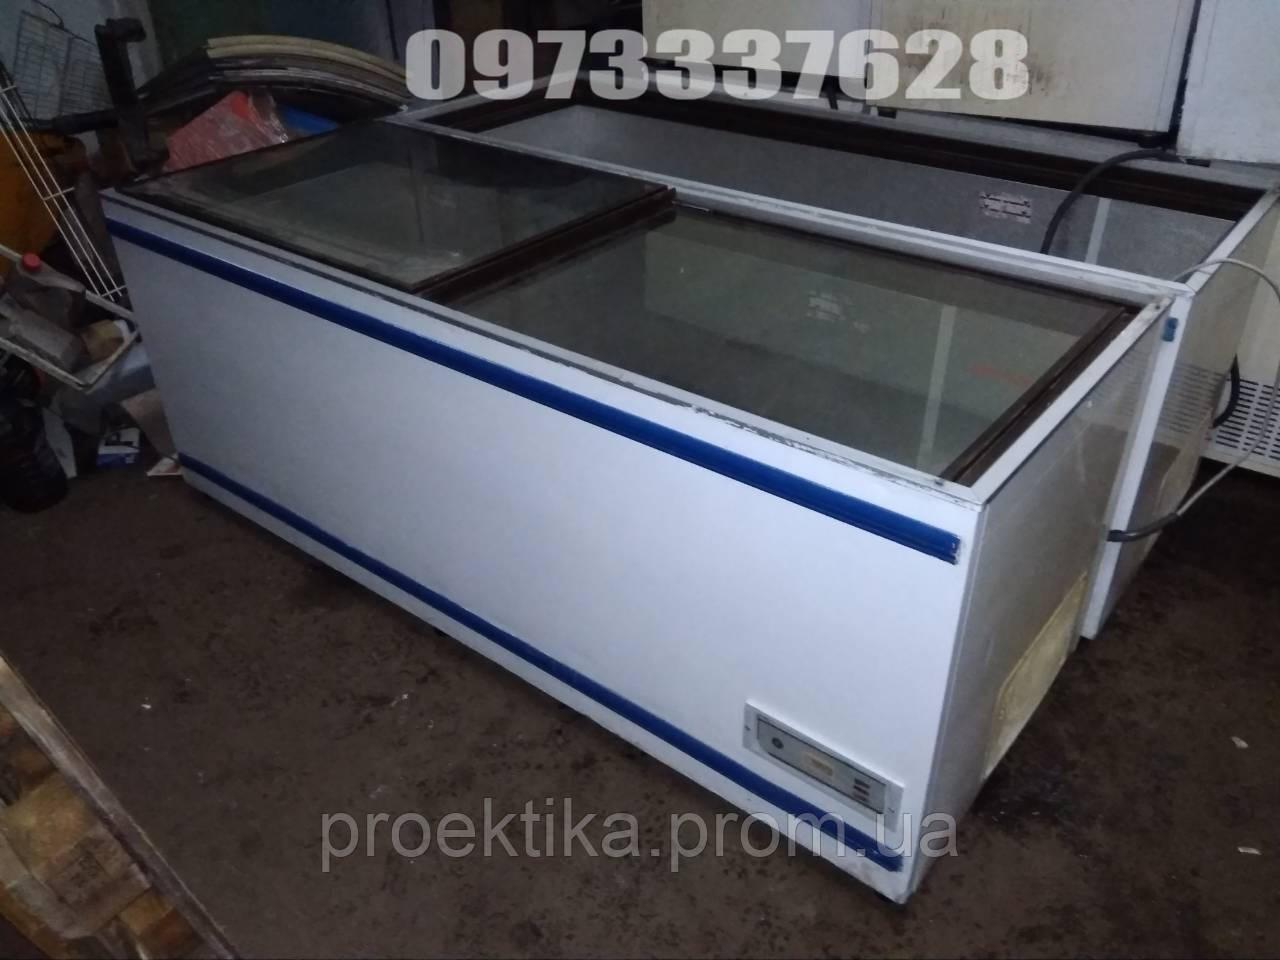 Ларь Морозильный Б/У 750л